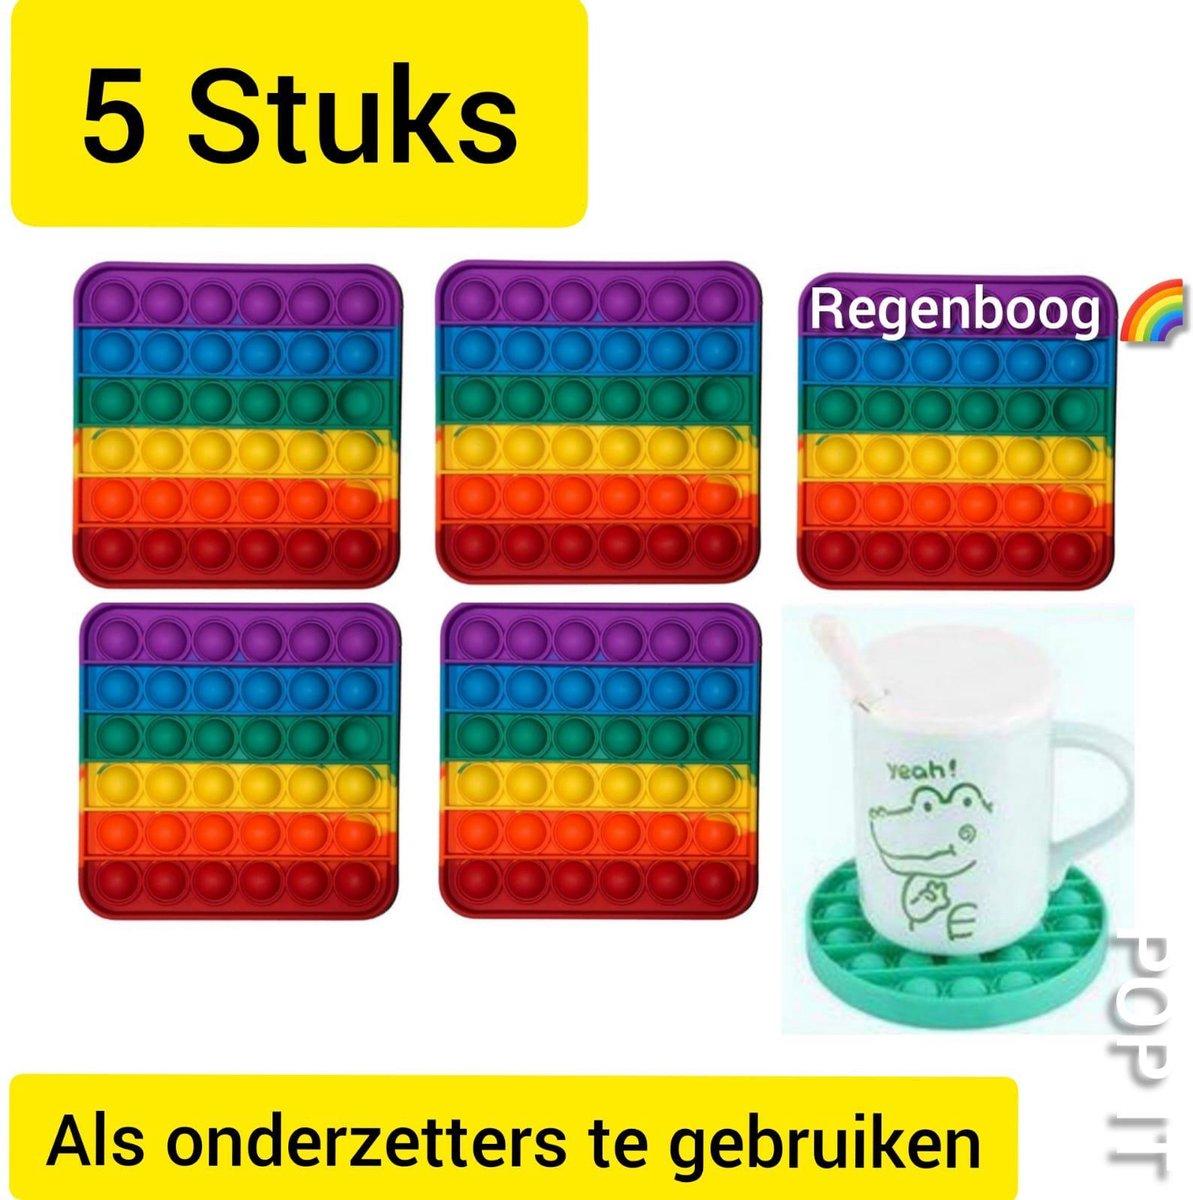 Pop It | Fidget toys | Pakket van 5 stuks | 5x Vierkant regenboog rainbow | Speelgoed meisjes + jongens + volwassen | Pop It | Fidget toy | Leuk als onderliggers te gebruiken _ Leuk voor zwembad